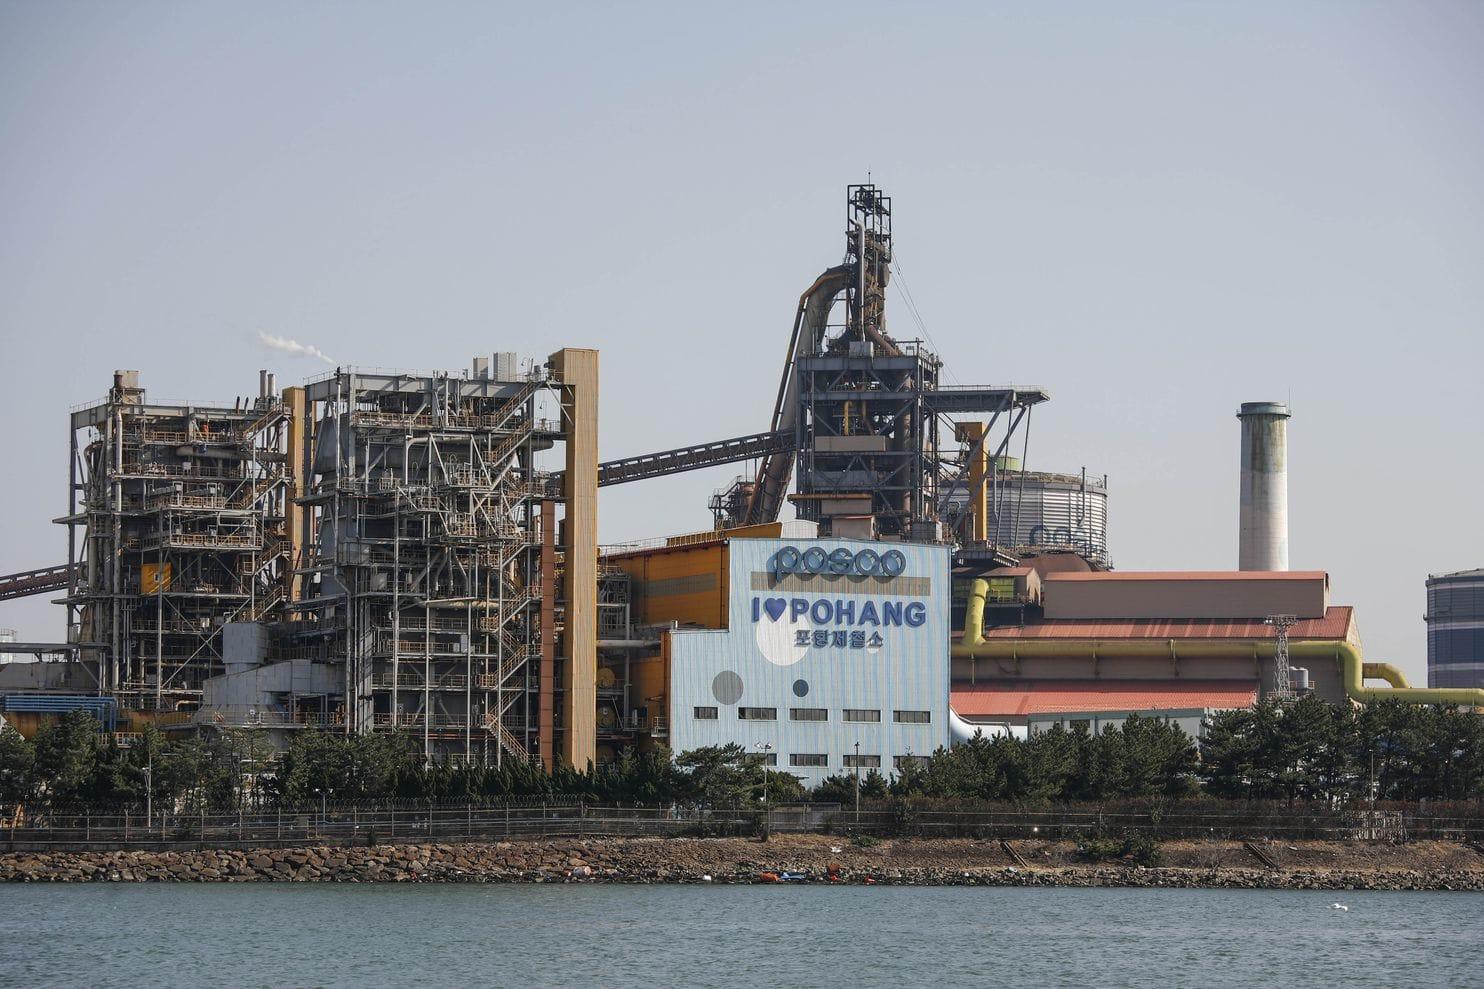 مصنع بوهانغ للصلب في كوريا الجنوبية